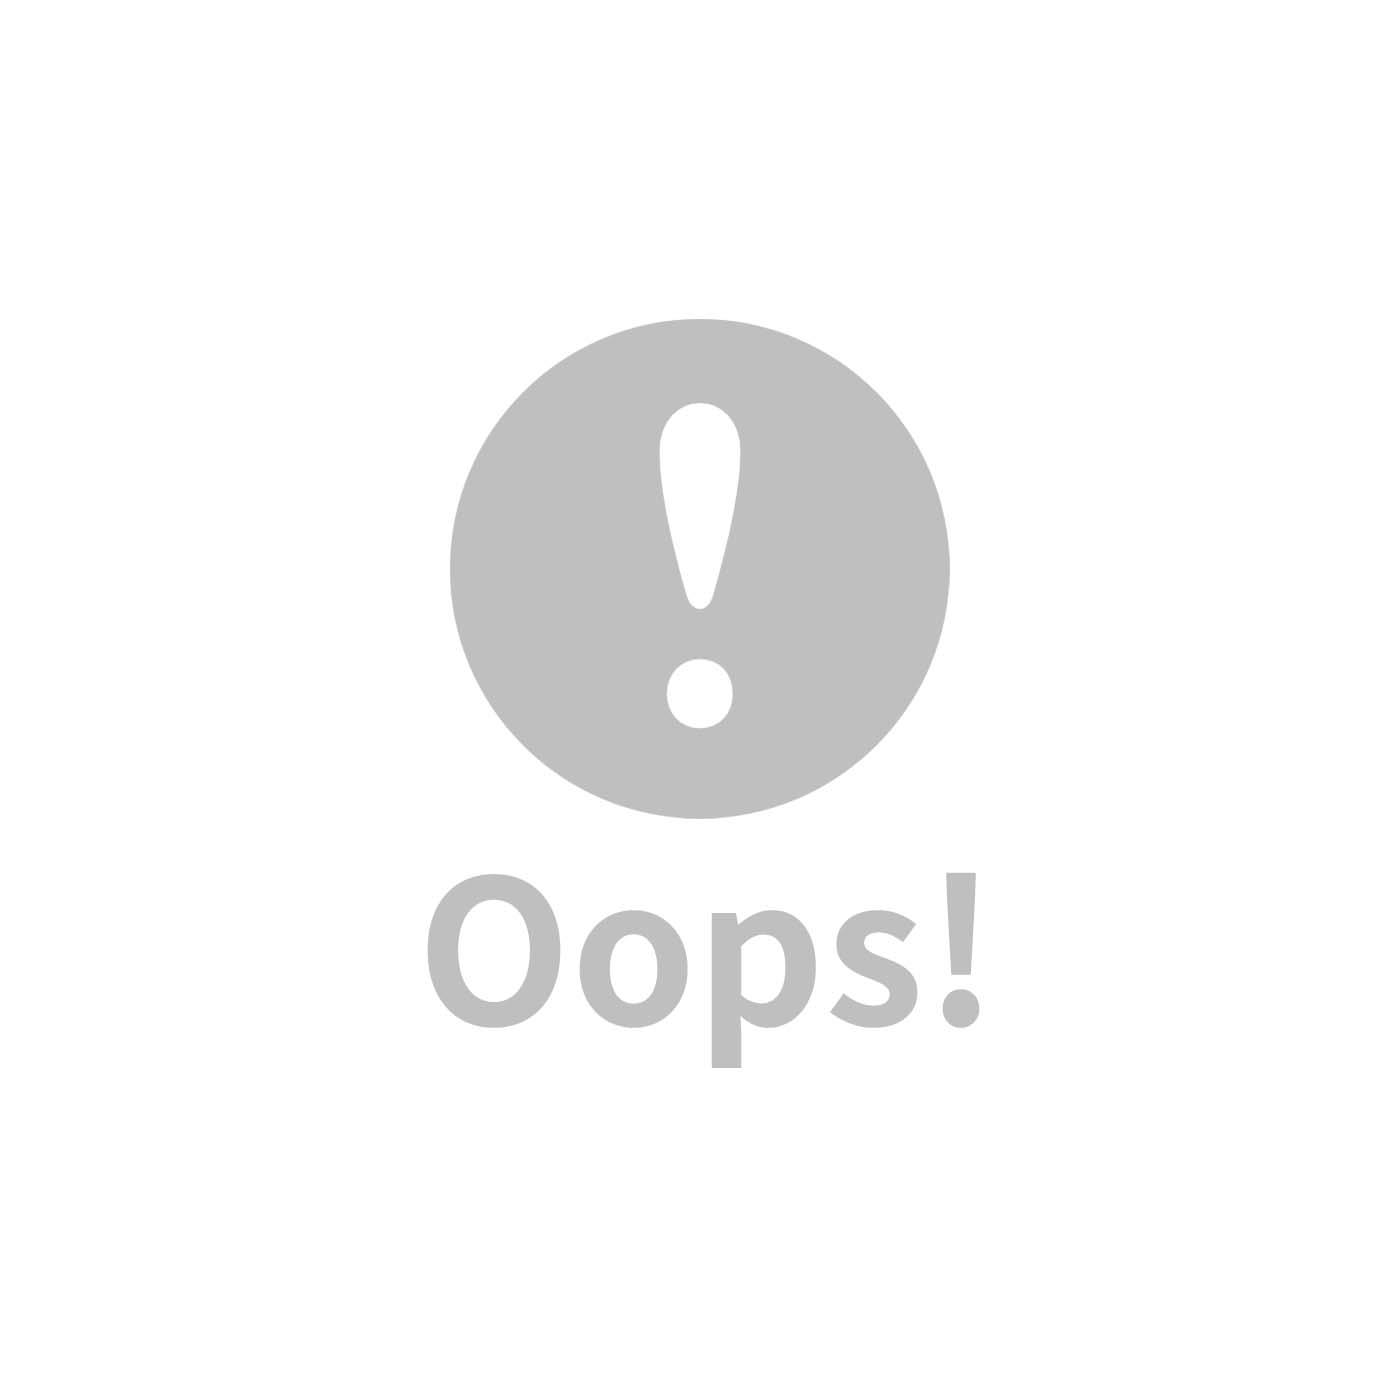 global affairs 童話手工編織安撫搖鈴_海洋系列(螃蟹大兵)